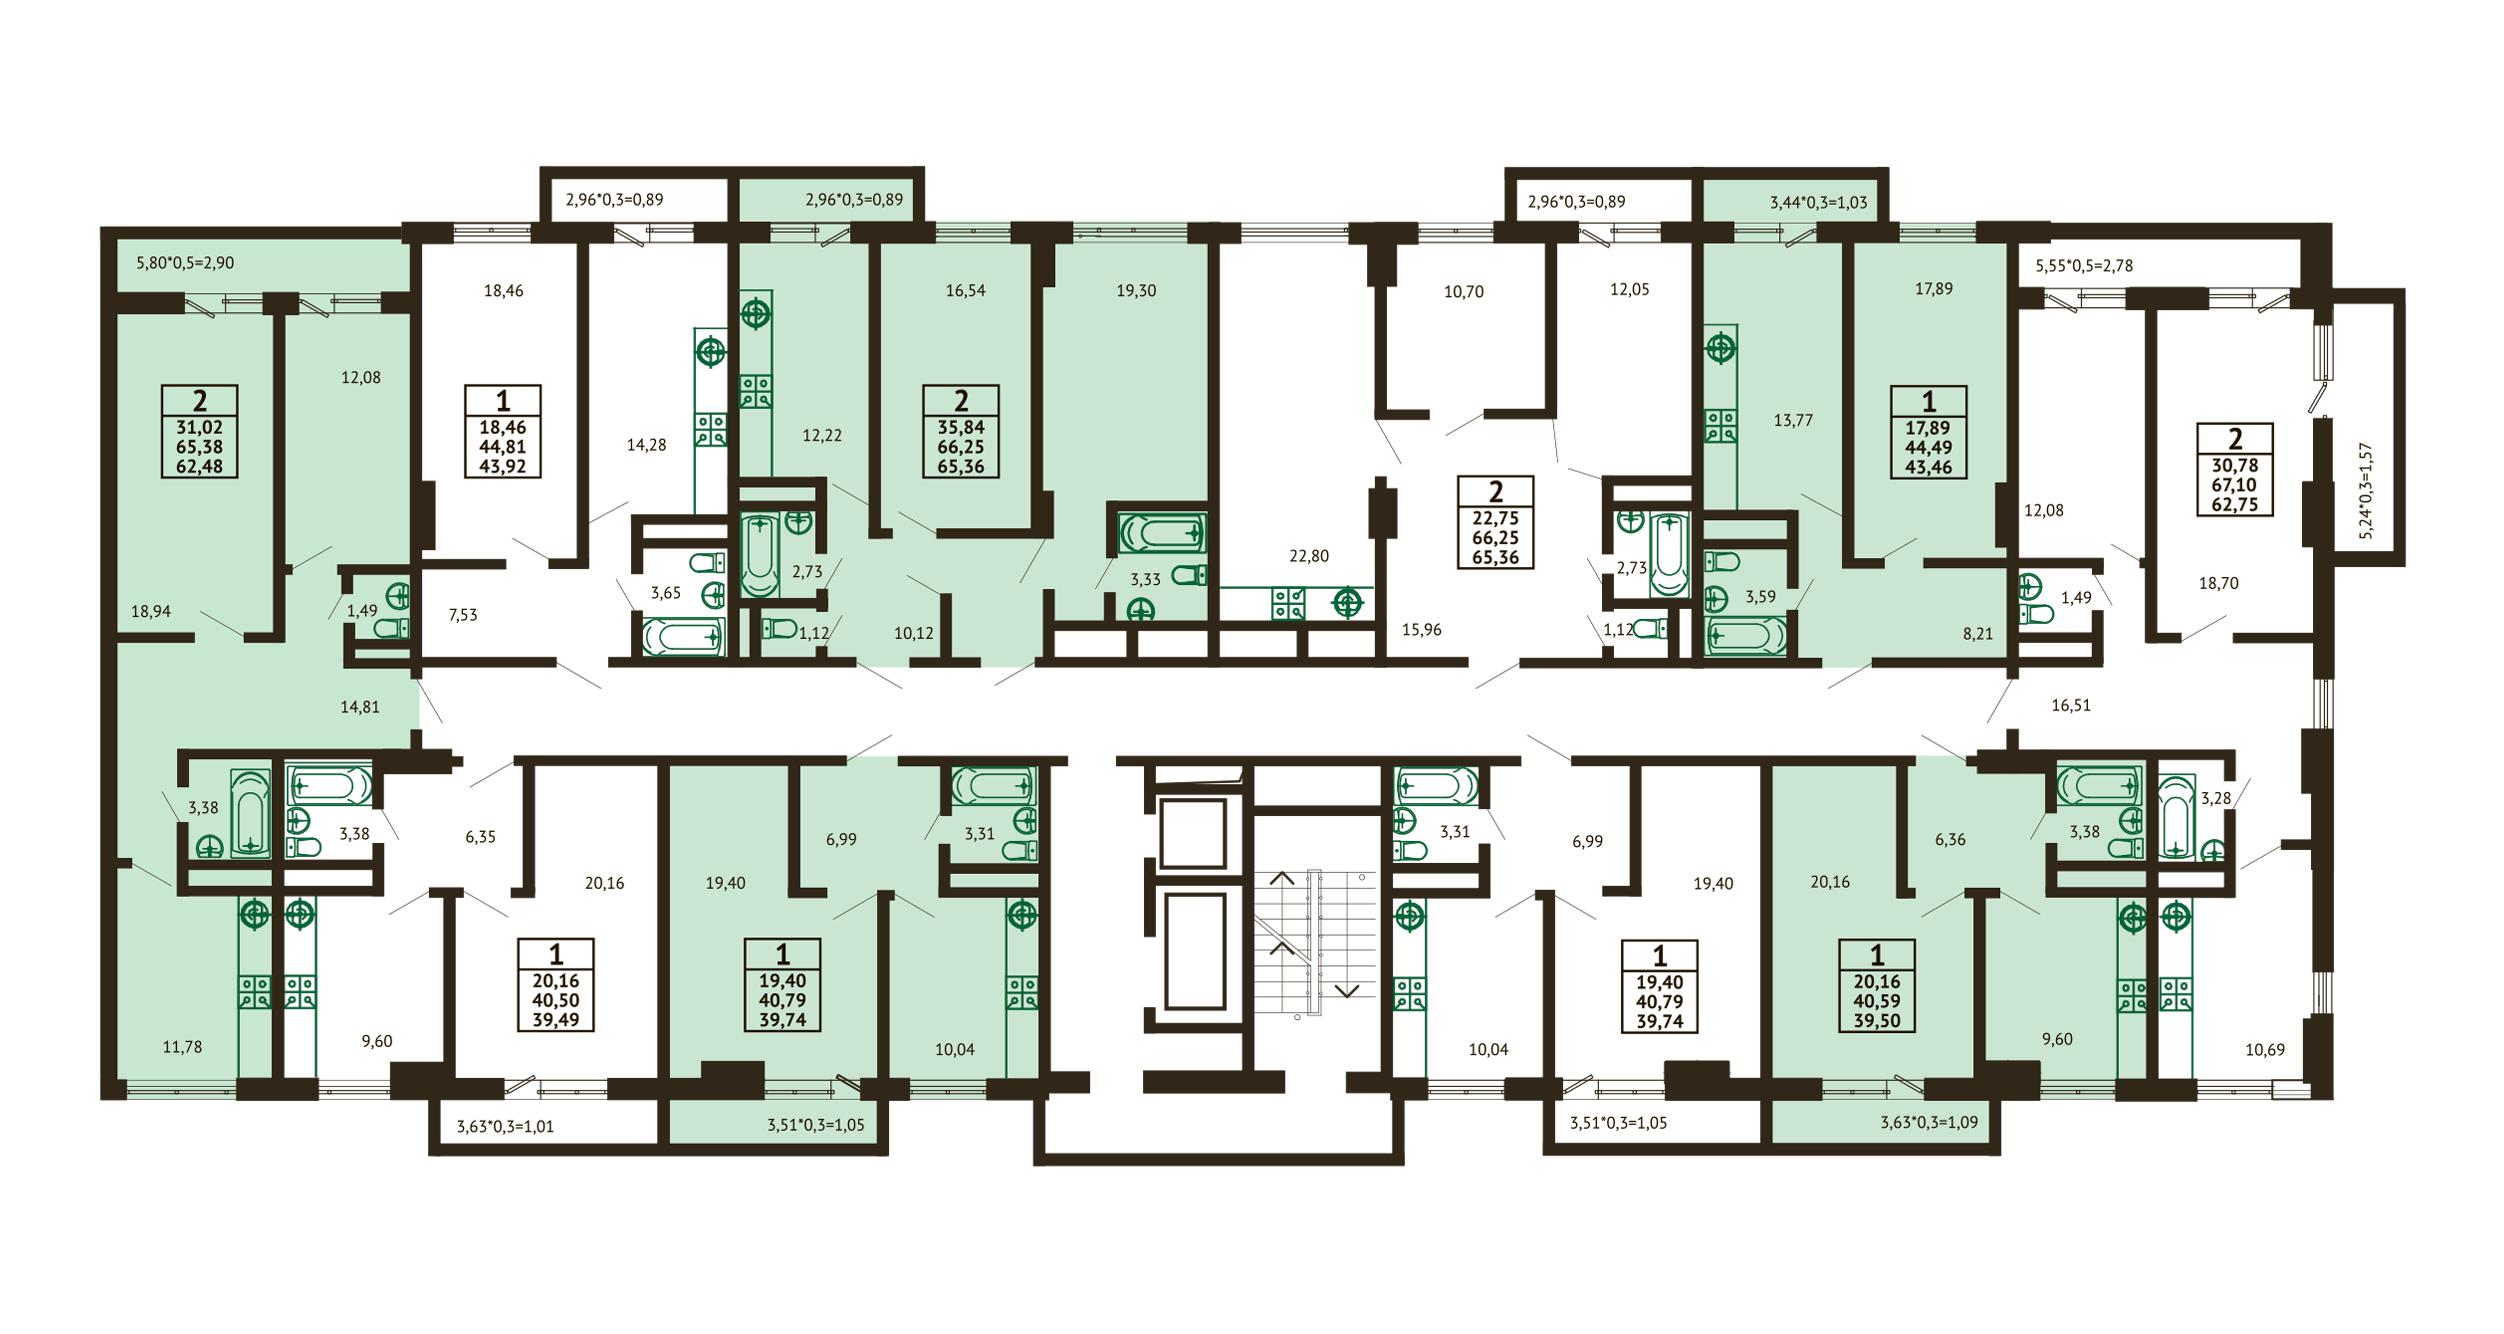 Планировка ЖК Грин Парк Литер 3 - Подъезд 2 - Этаж 12-16